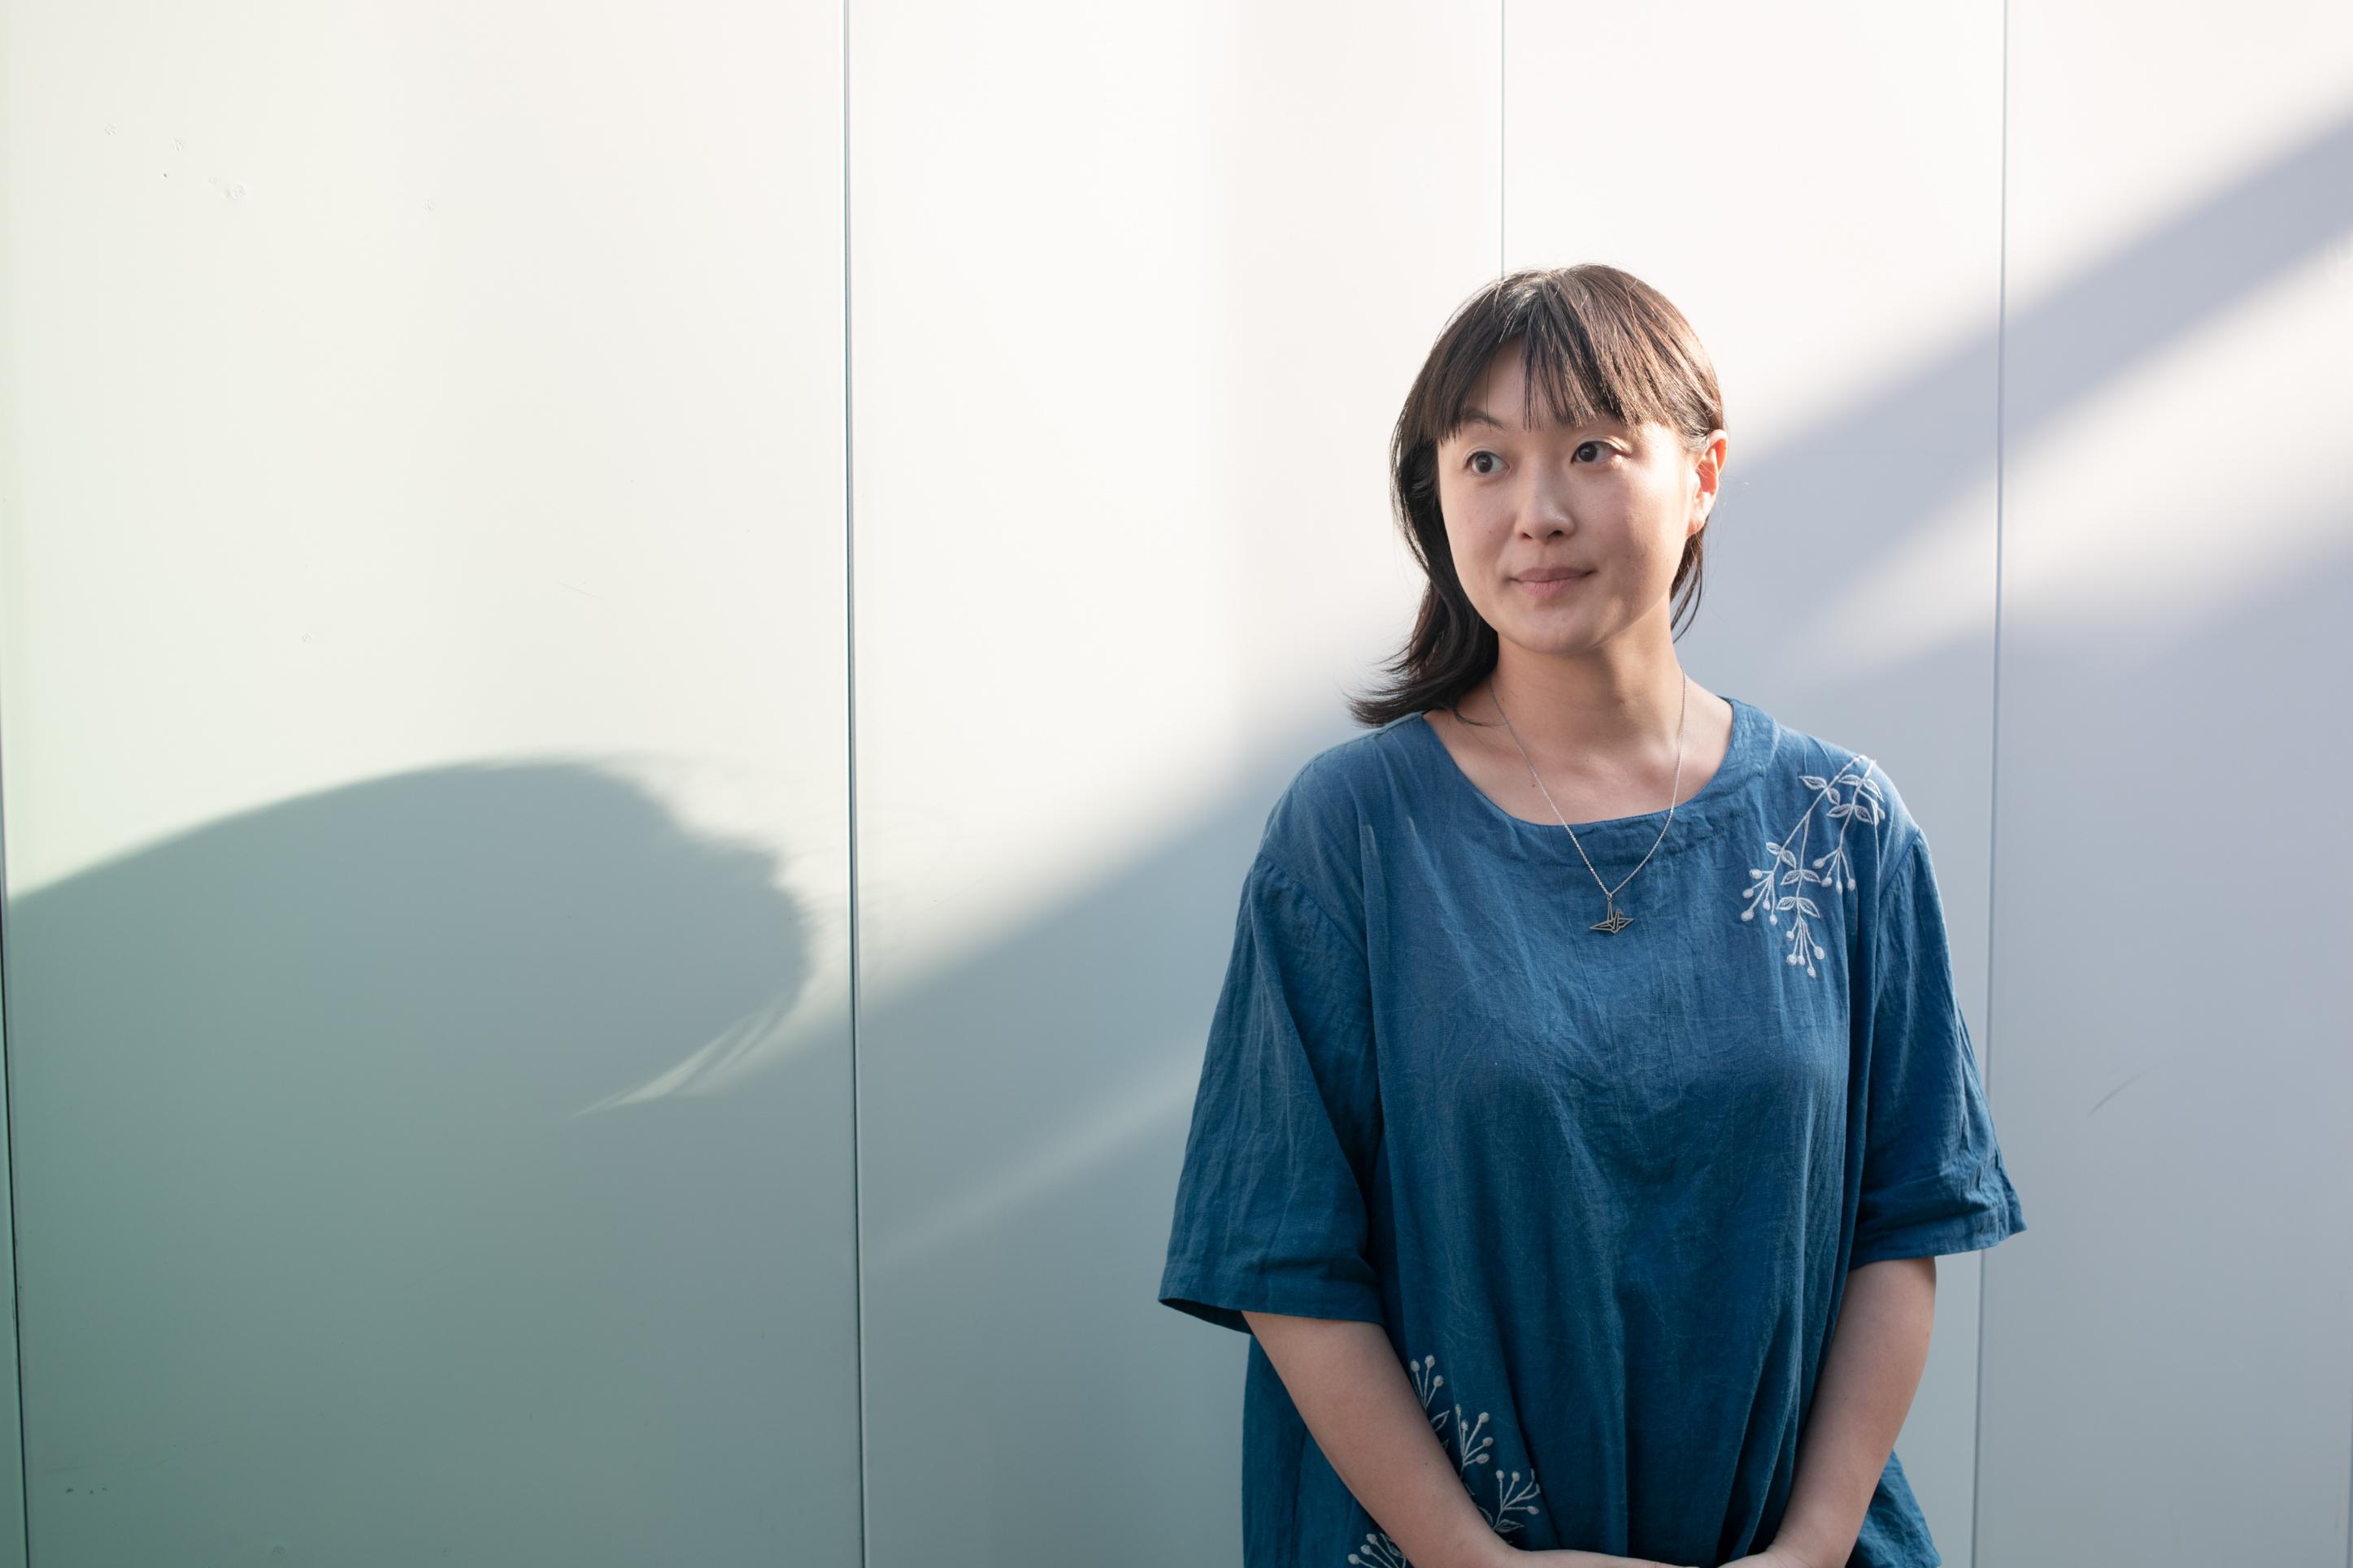 フォトジャーナリスト 安田菜津紀(やすだなつき)